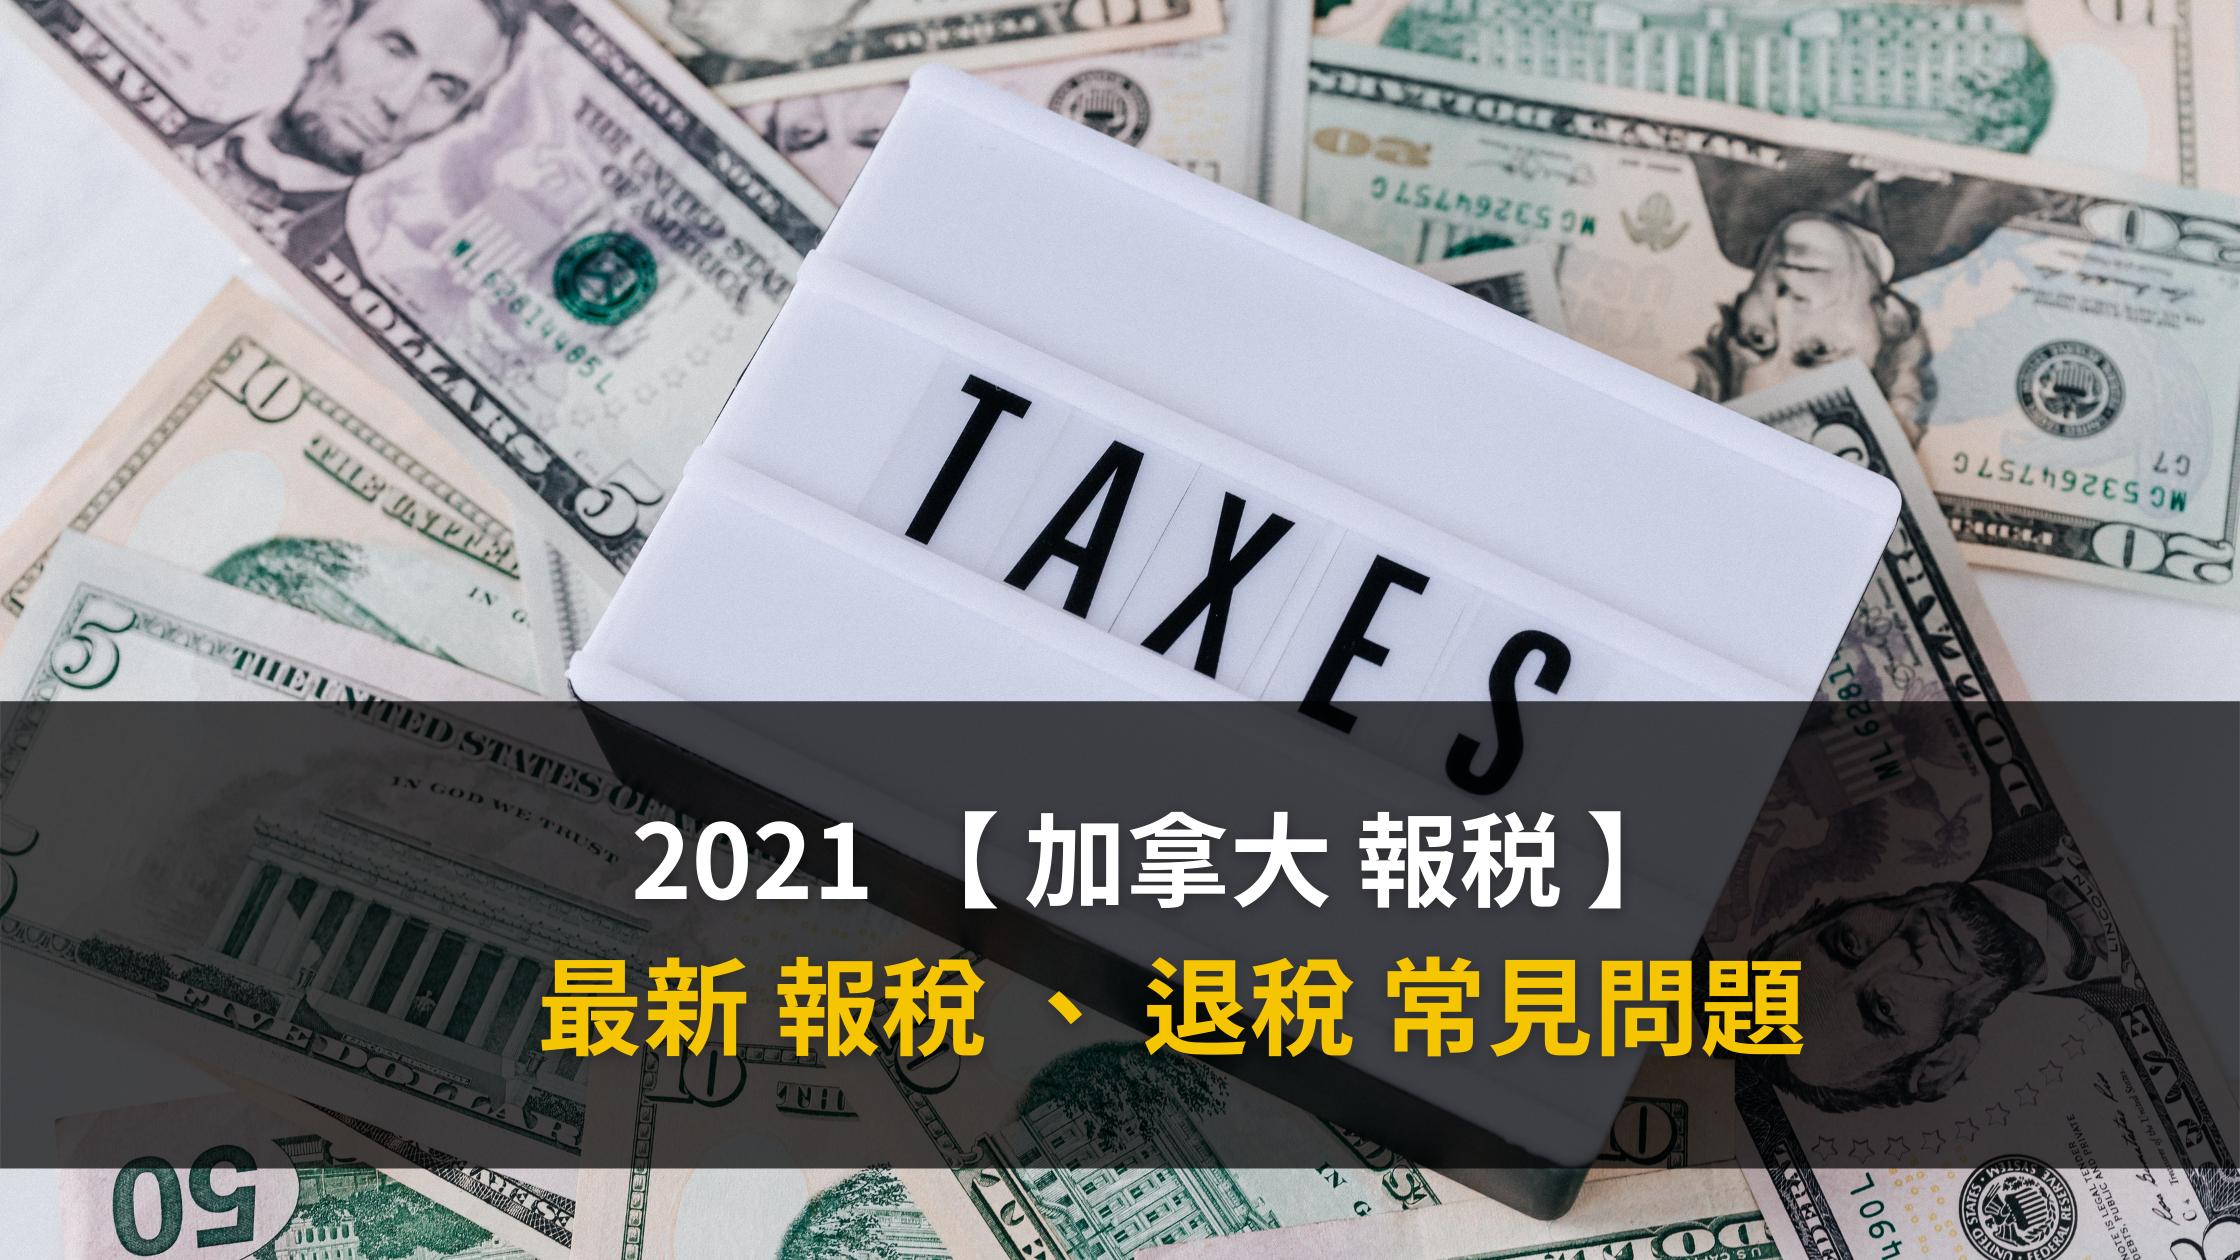 【加拿大 2021 報税】又到報税時間! 加拿大最新報稅 、 退稅常見問題